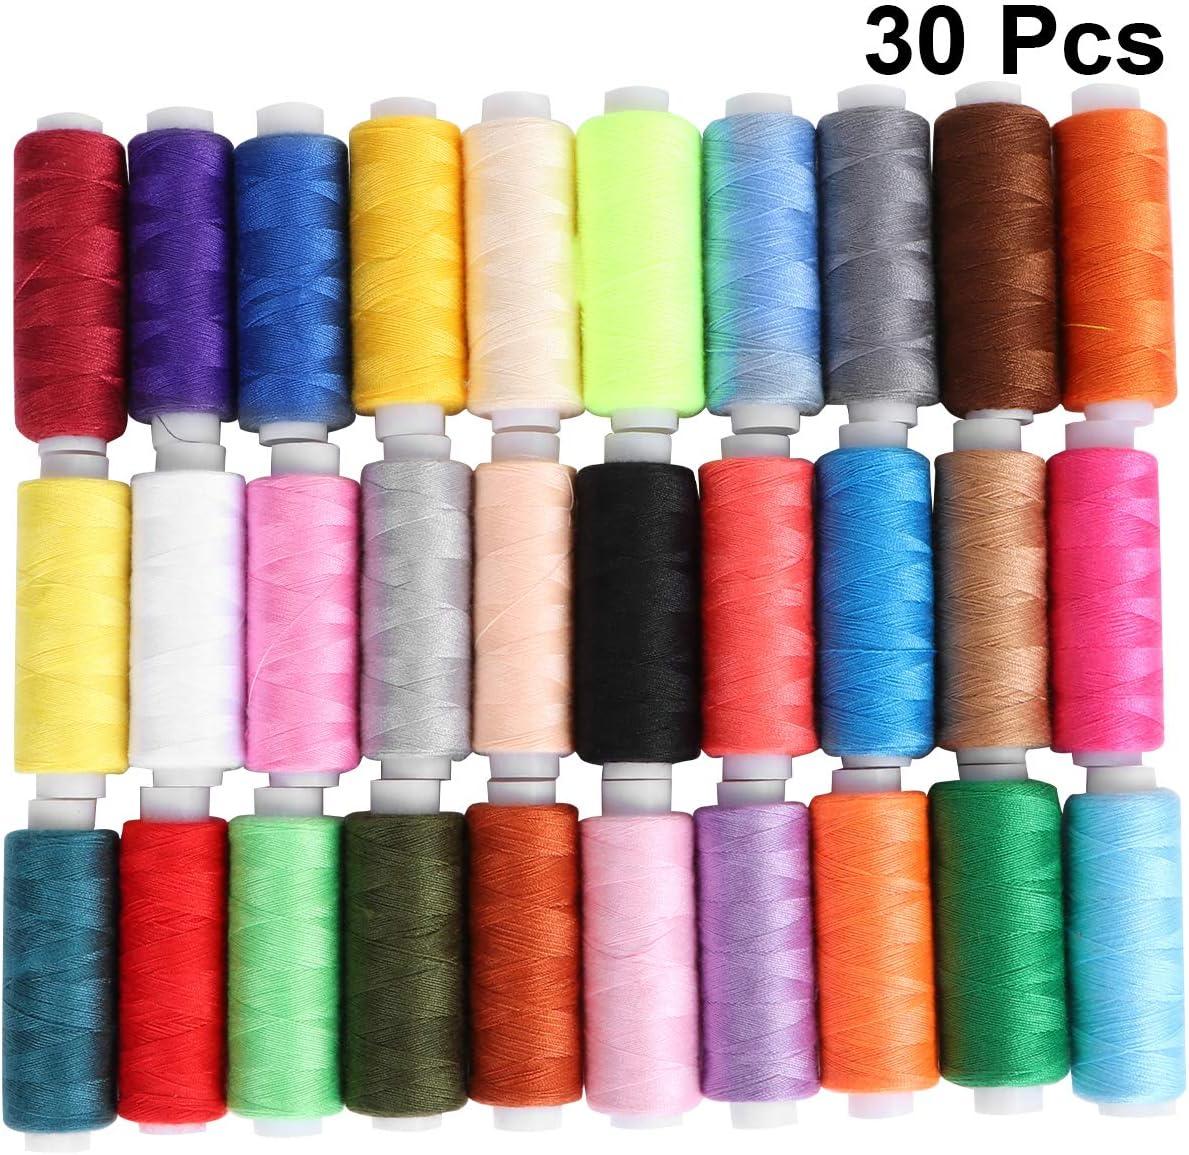 Proglam Kit de Costura para Costura Color al Azar